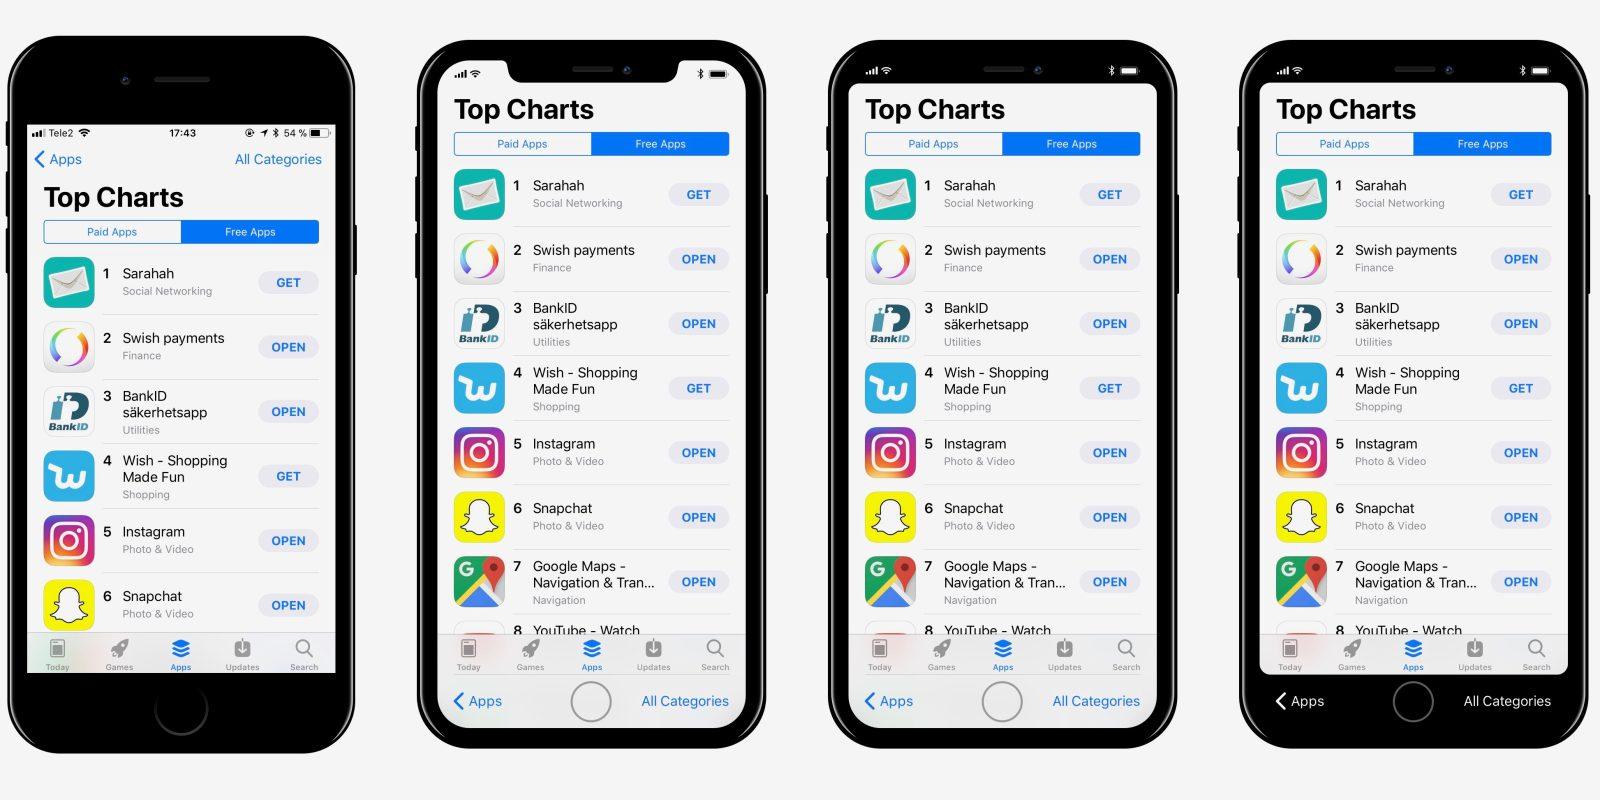 Как новый iPhone изменит статусную панель в iOS 11